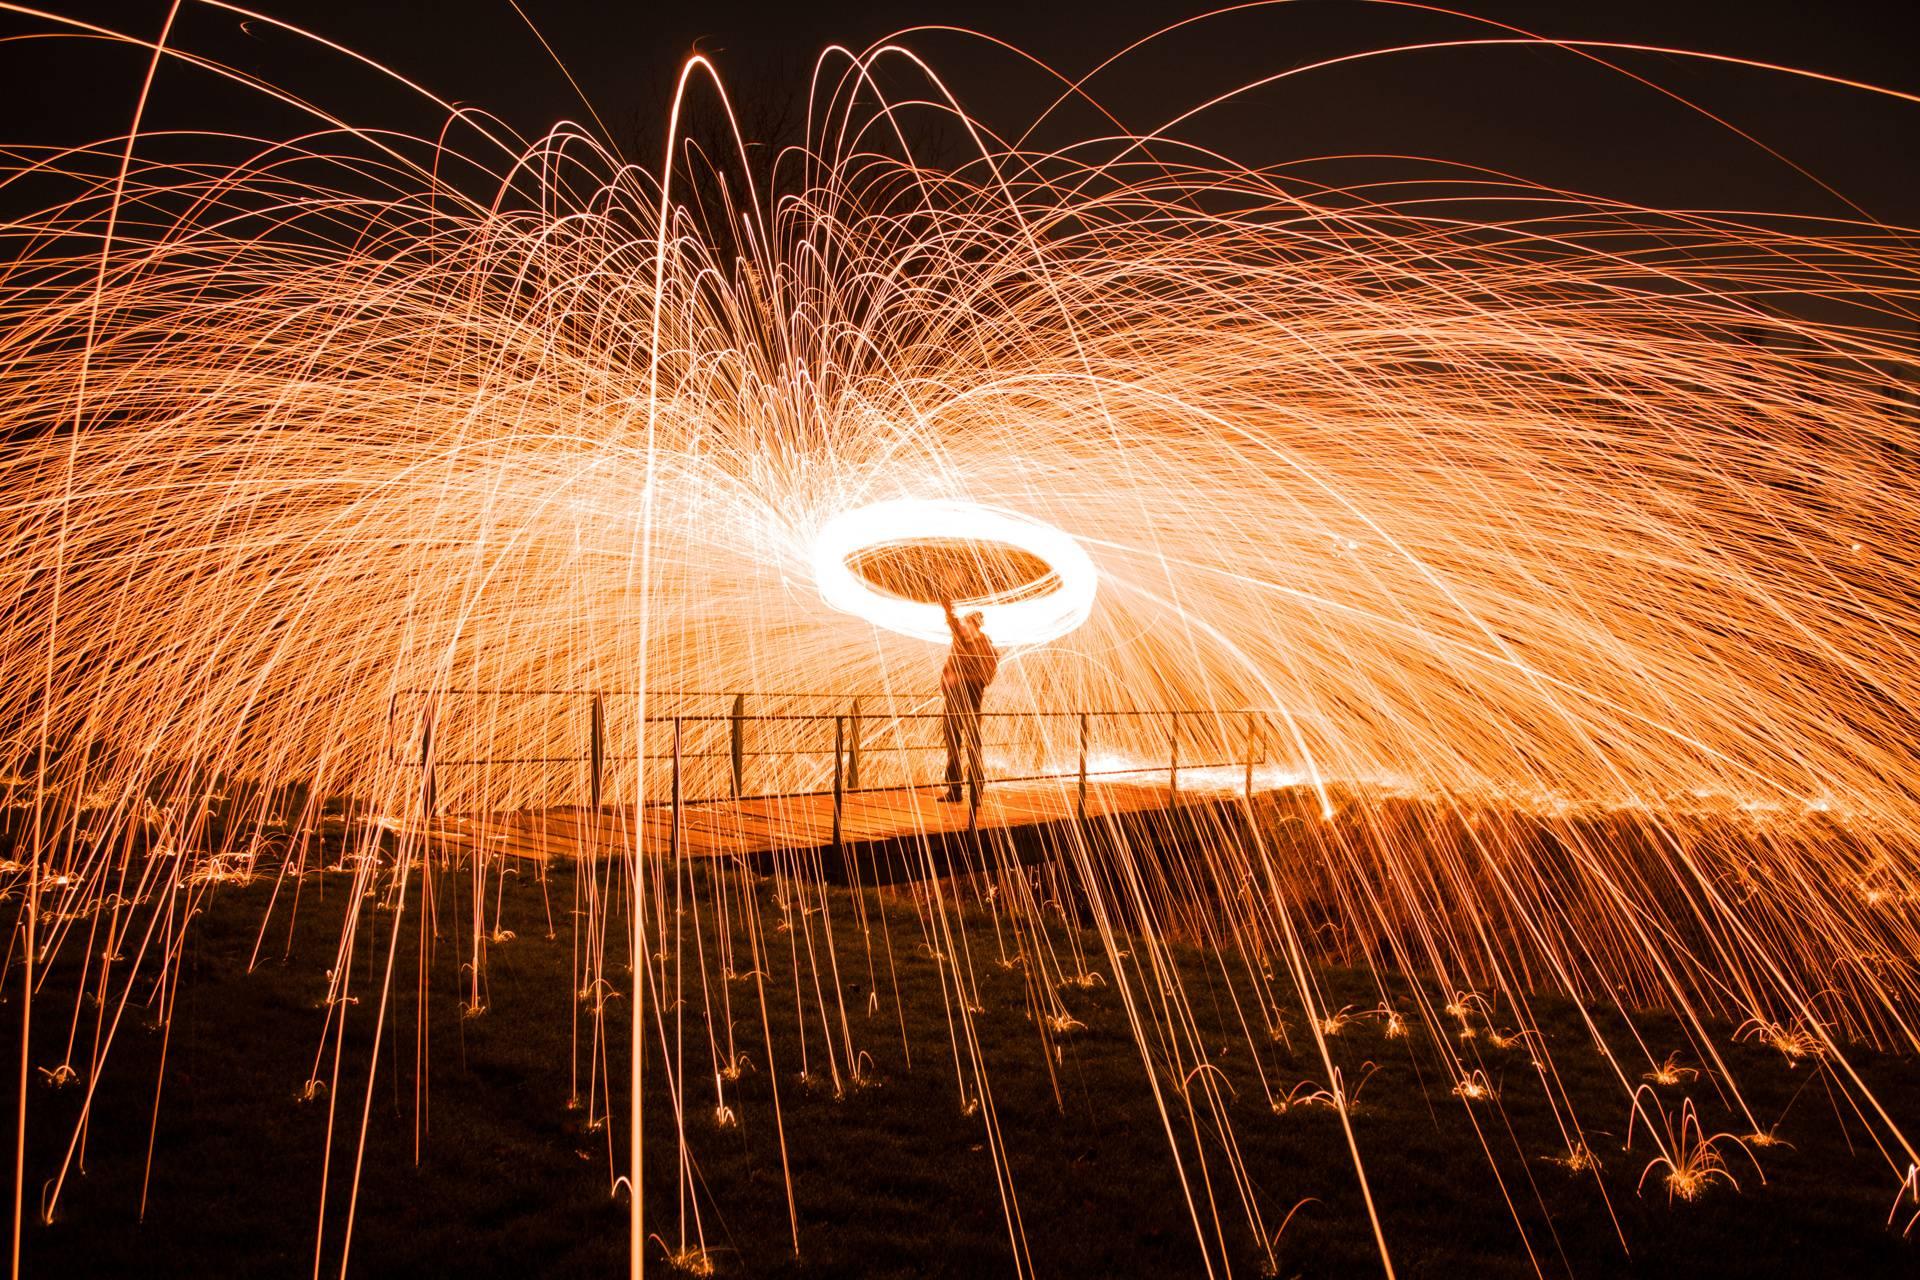 Footbridge wirewool